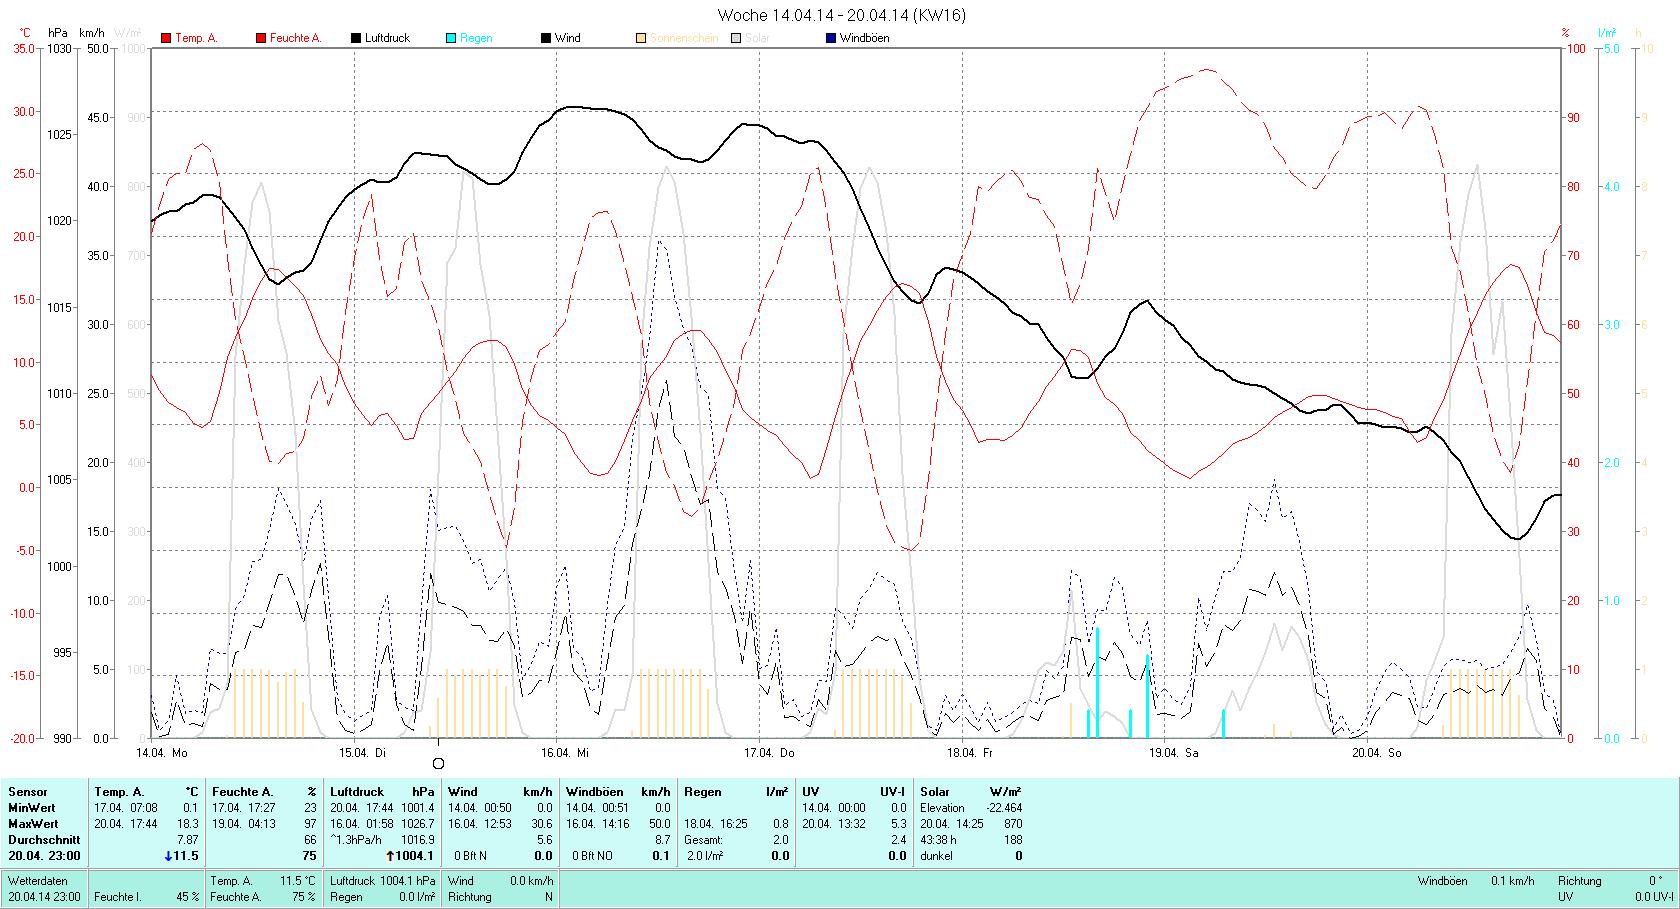 KW 16 Tmin  0.1°C, Tmax 18.3°C, Sonne 45:27h, Niederschlag 2.0mm/2